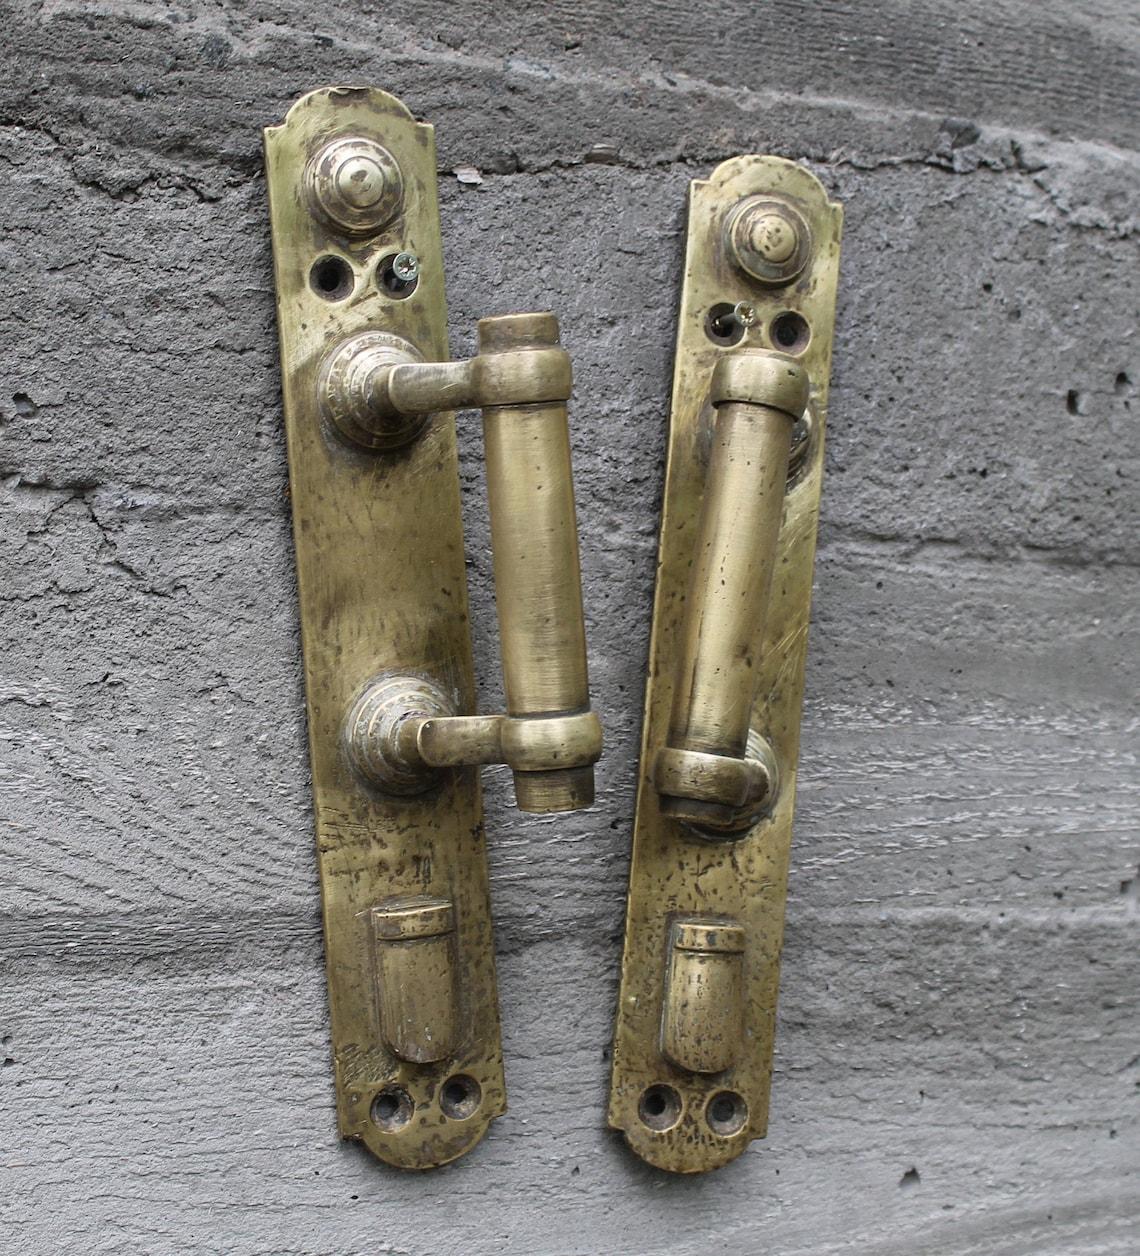 Set 2 brass antique large door pulls 1900s, vintage front door handle, barn door wall decor, rustic metal door handle, outdoor door knob.